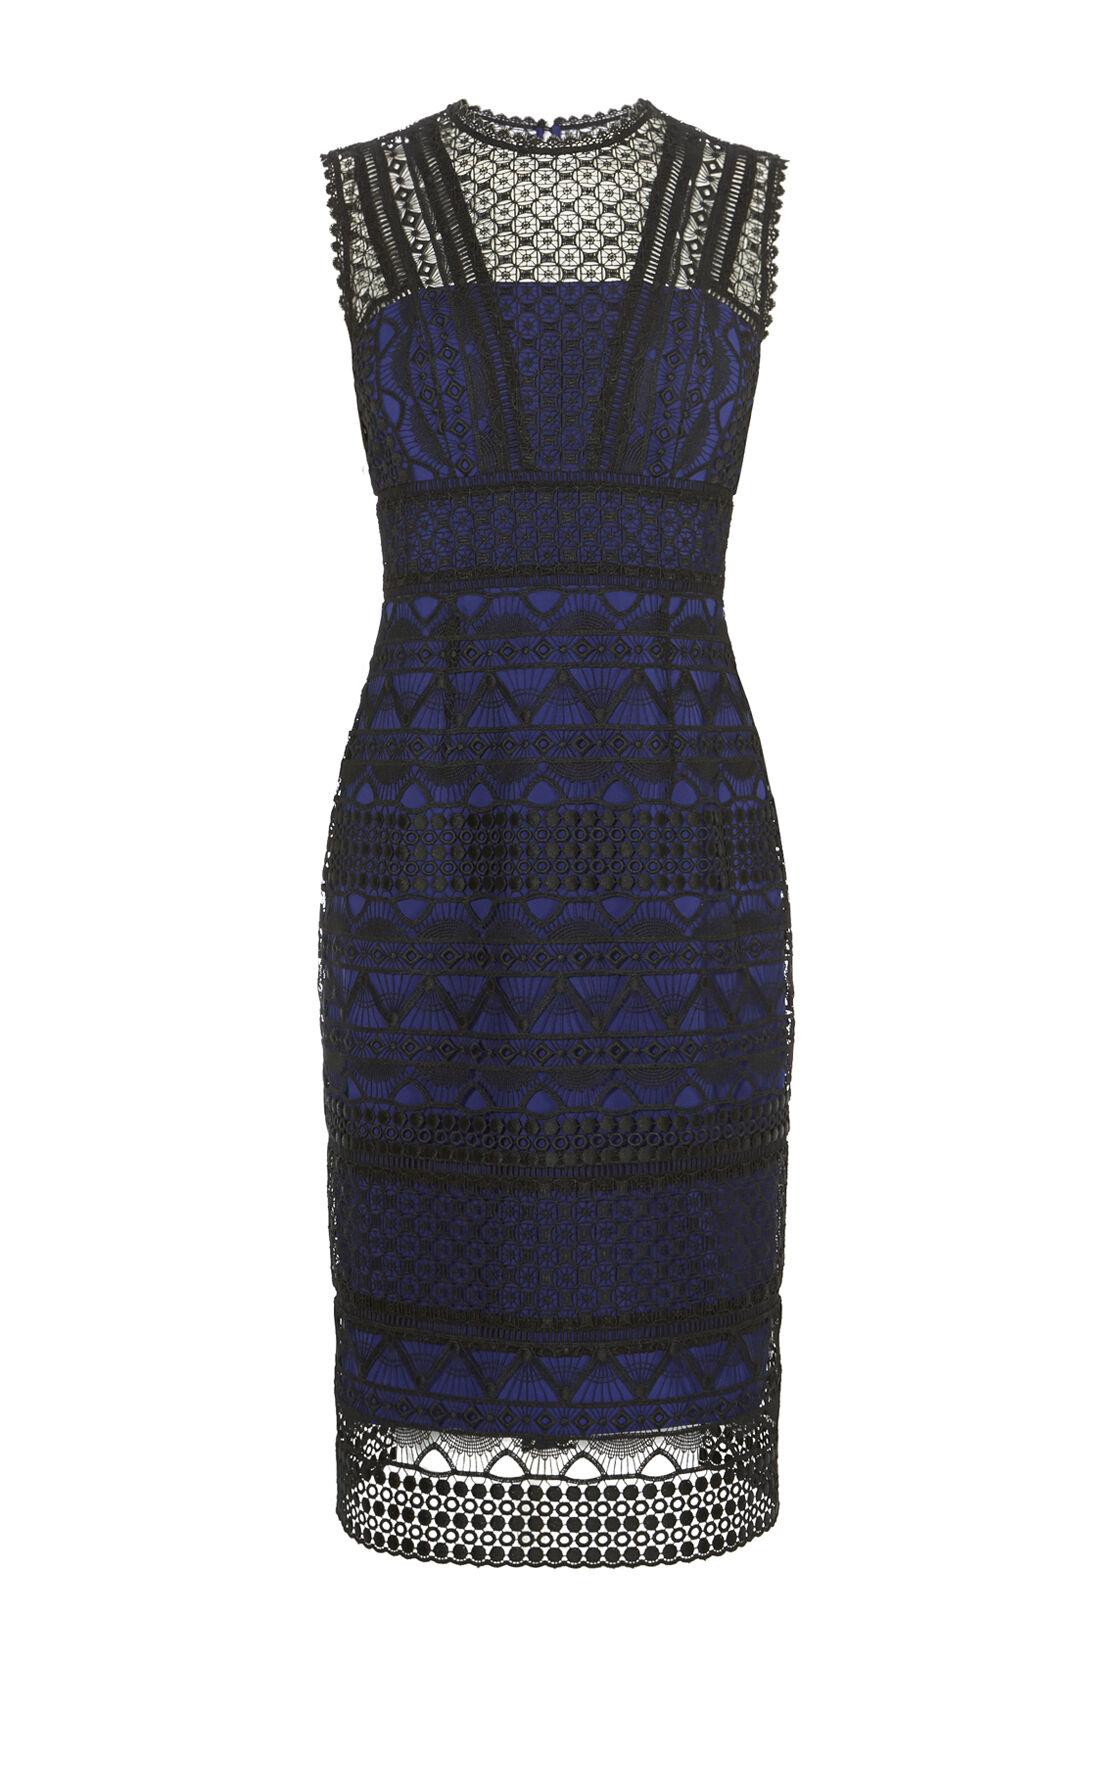 Karen Millen, GRAPHIC LACE PENCIL DRESS Black/Multi 0